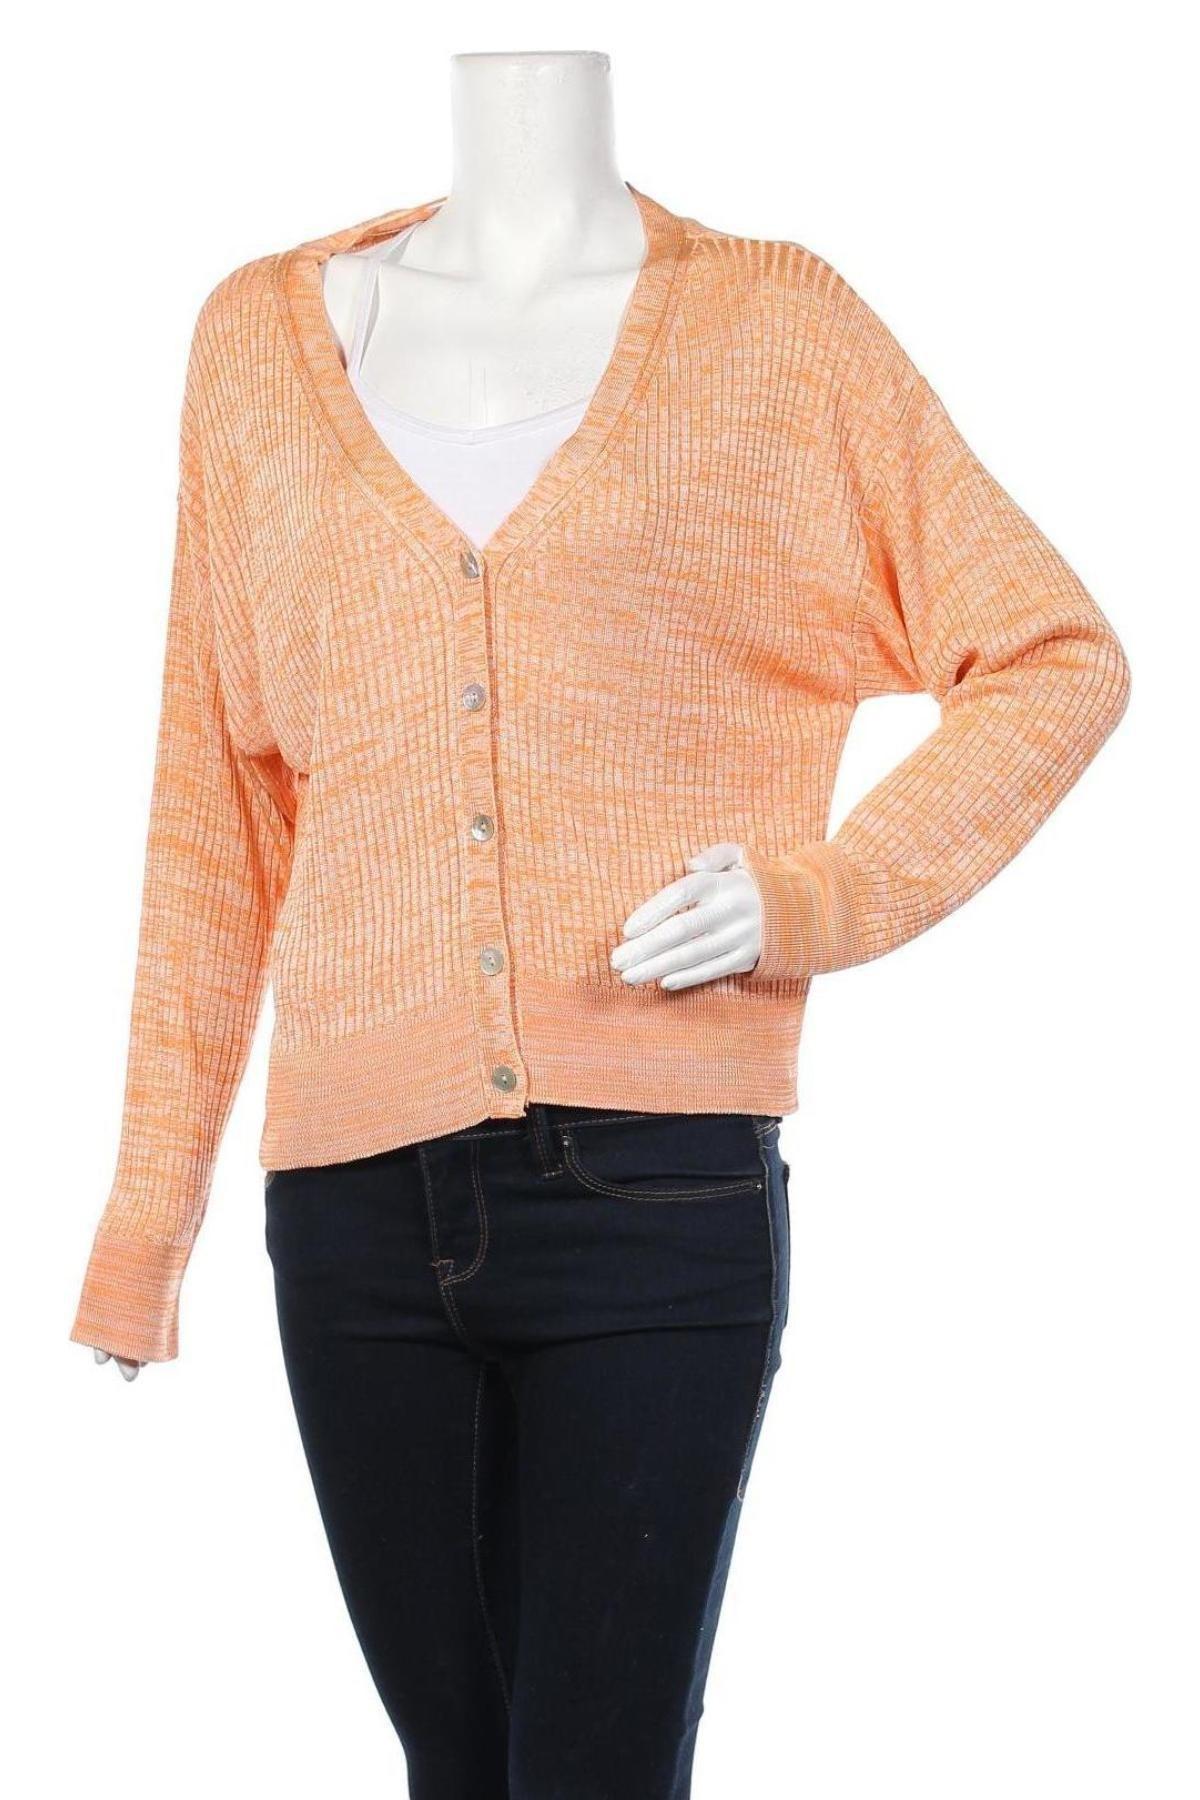 Γυναικεία ζακέτα Edited, Μέγεθος L, Χρώμα Πορτοκαλί, Βισκόζη, Τιμή 5,69€